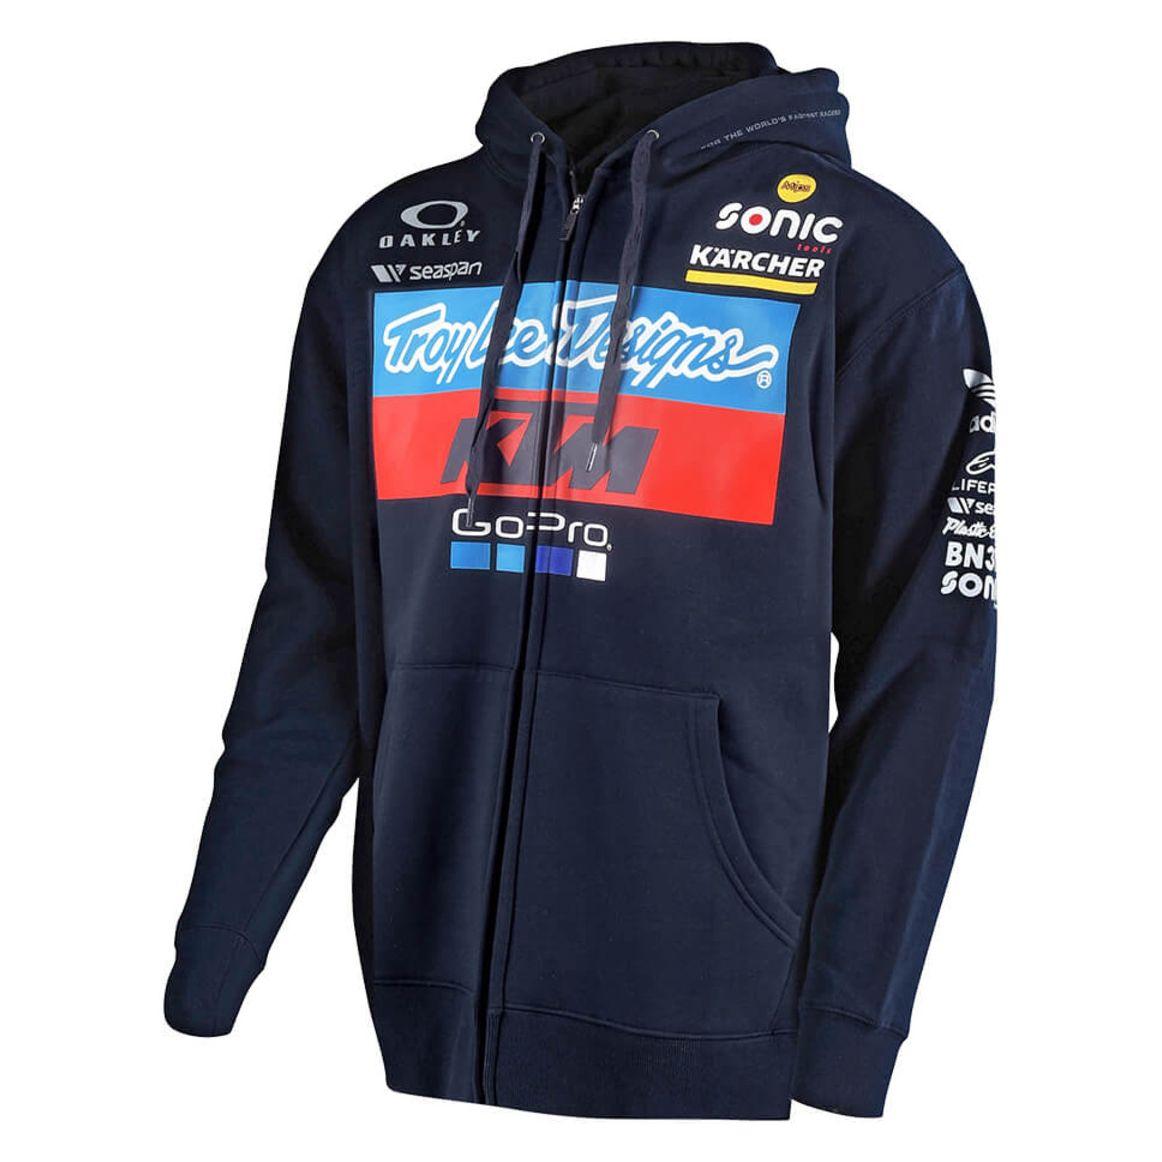 Troy Lee Designs KTM 2018 equipo para hombre Jersey con Capucha MX Casuals